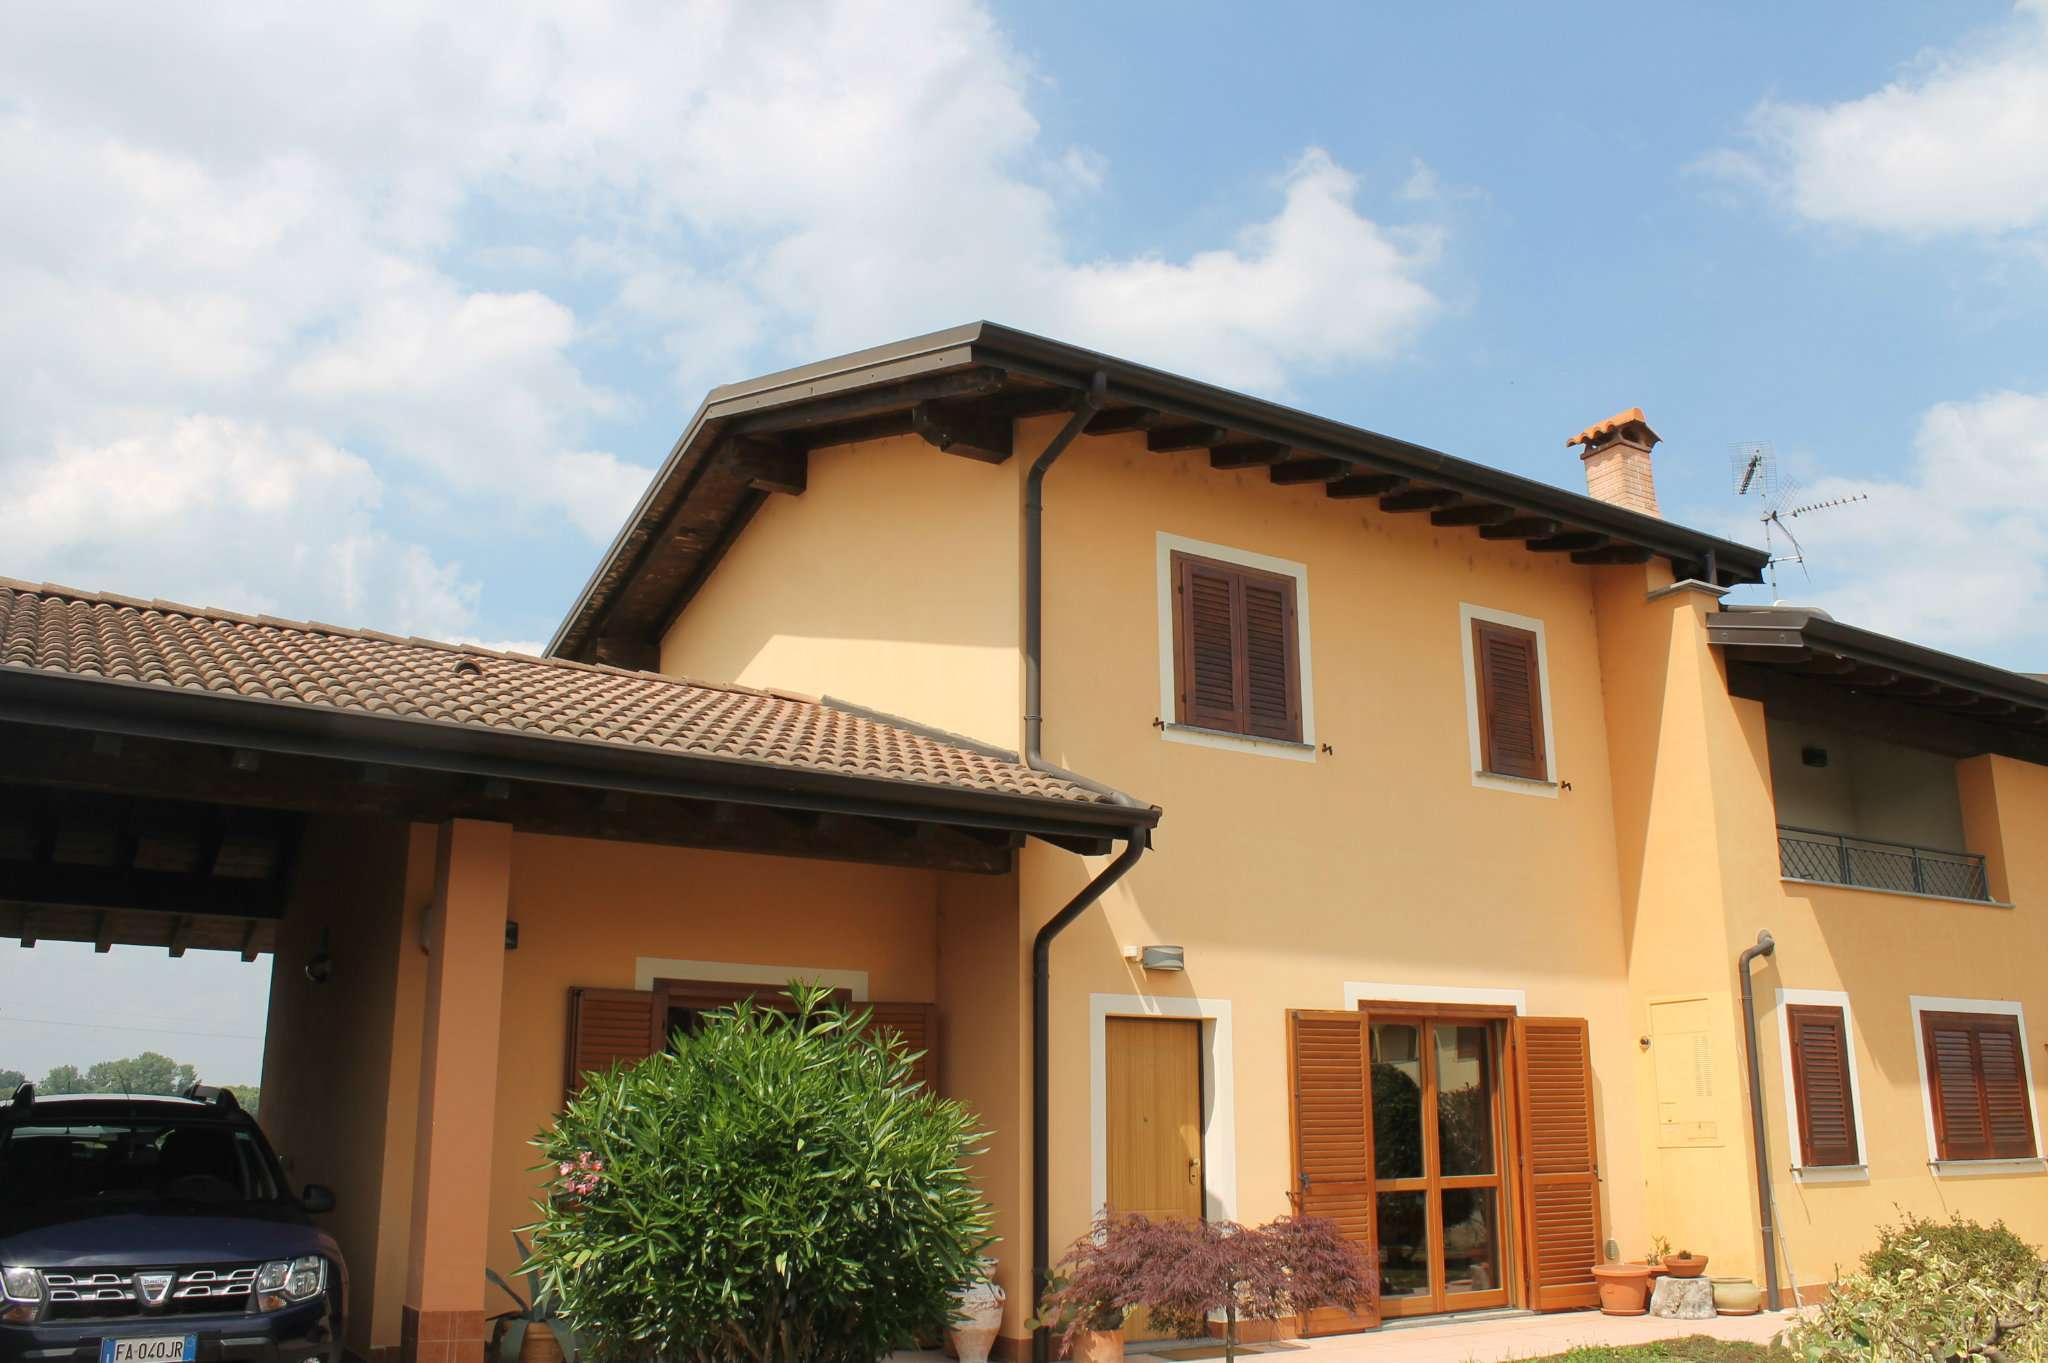 Villa Bifamiliare in vendita a Dorno, 7 locali, prezzo € 235.000 | PortaleAgenzieImmobiliari.it